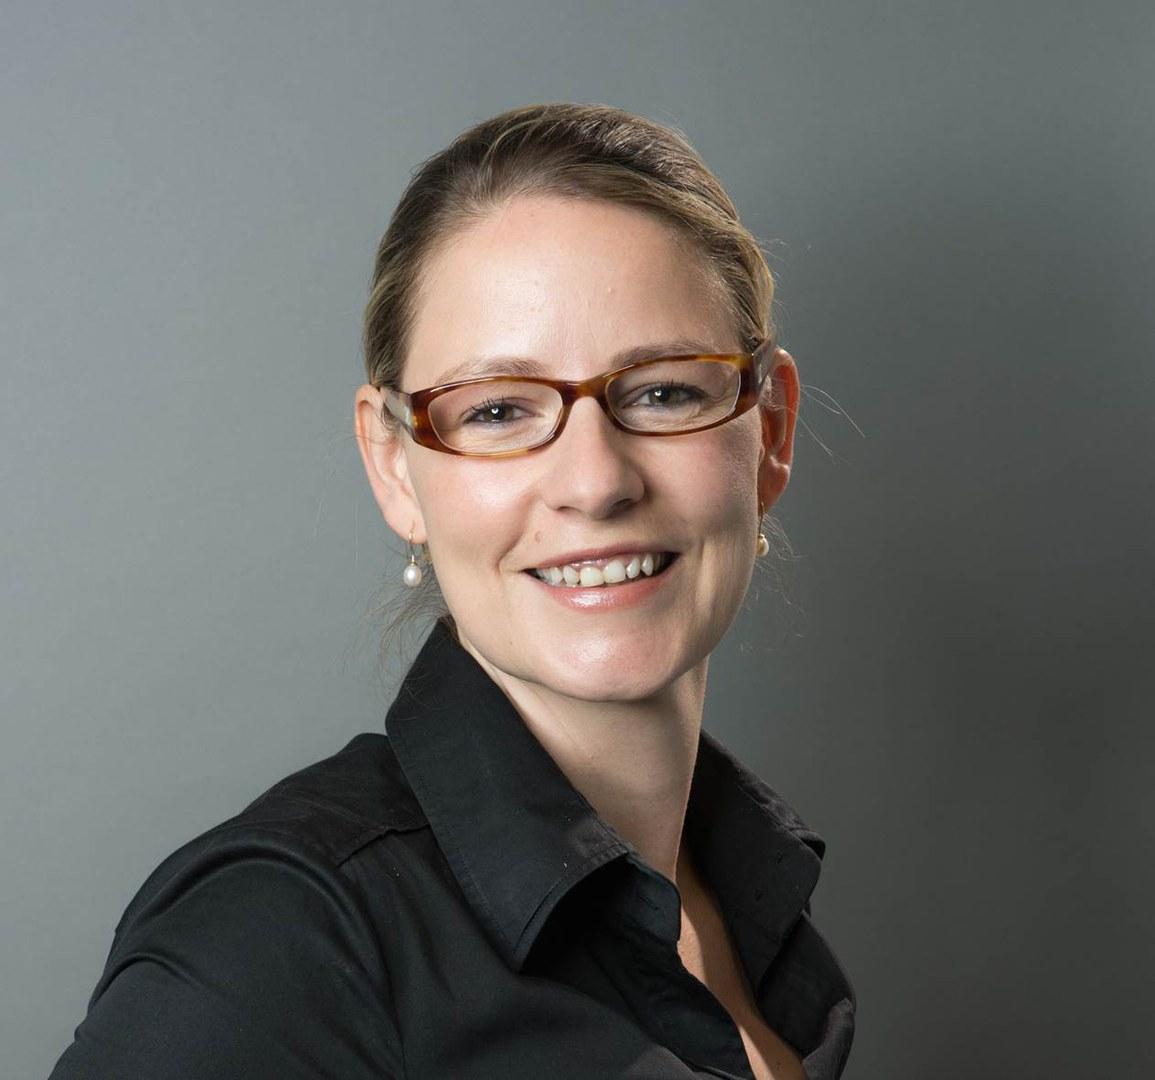 Prof. Hilke Plassmann